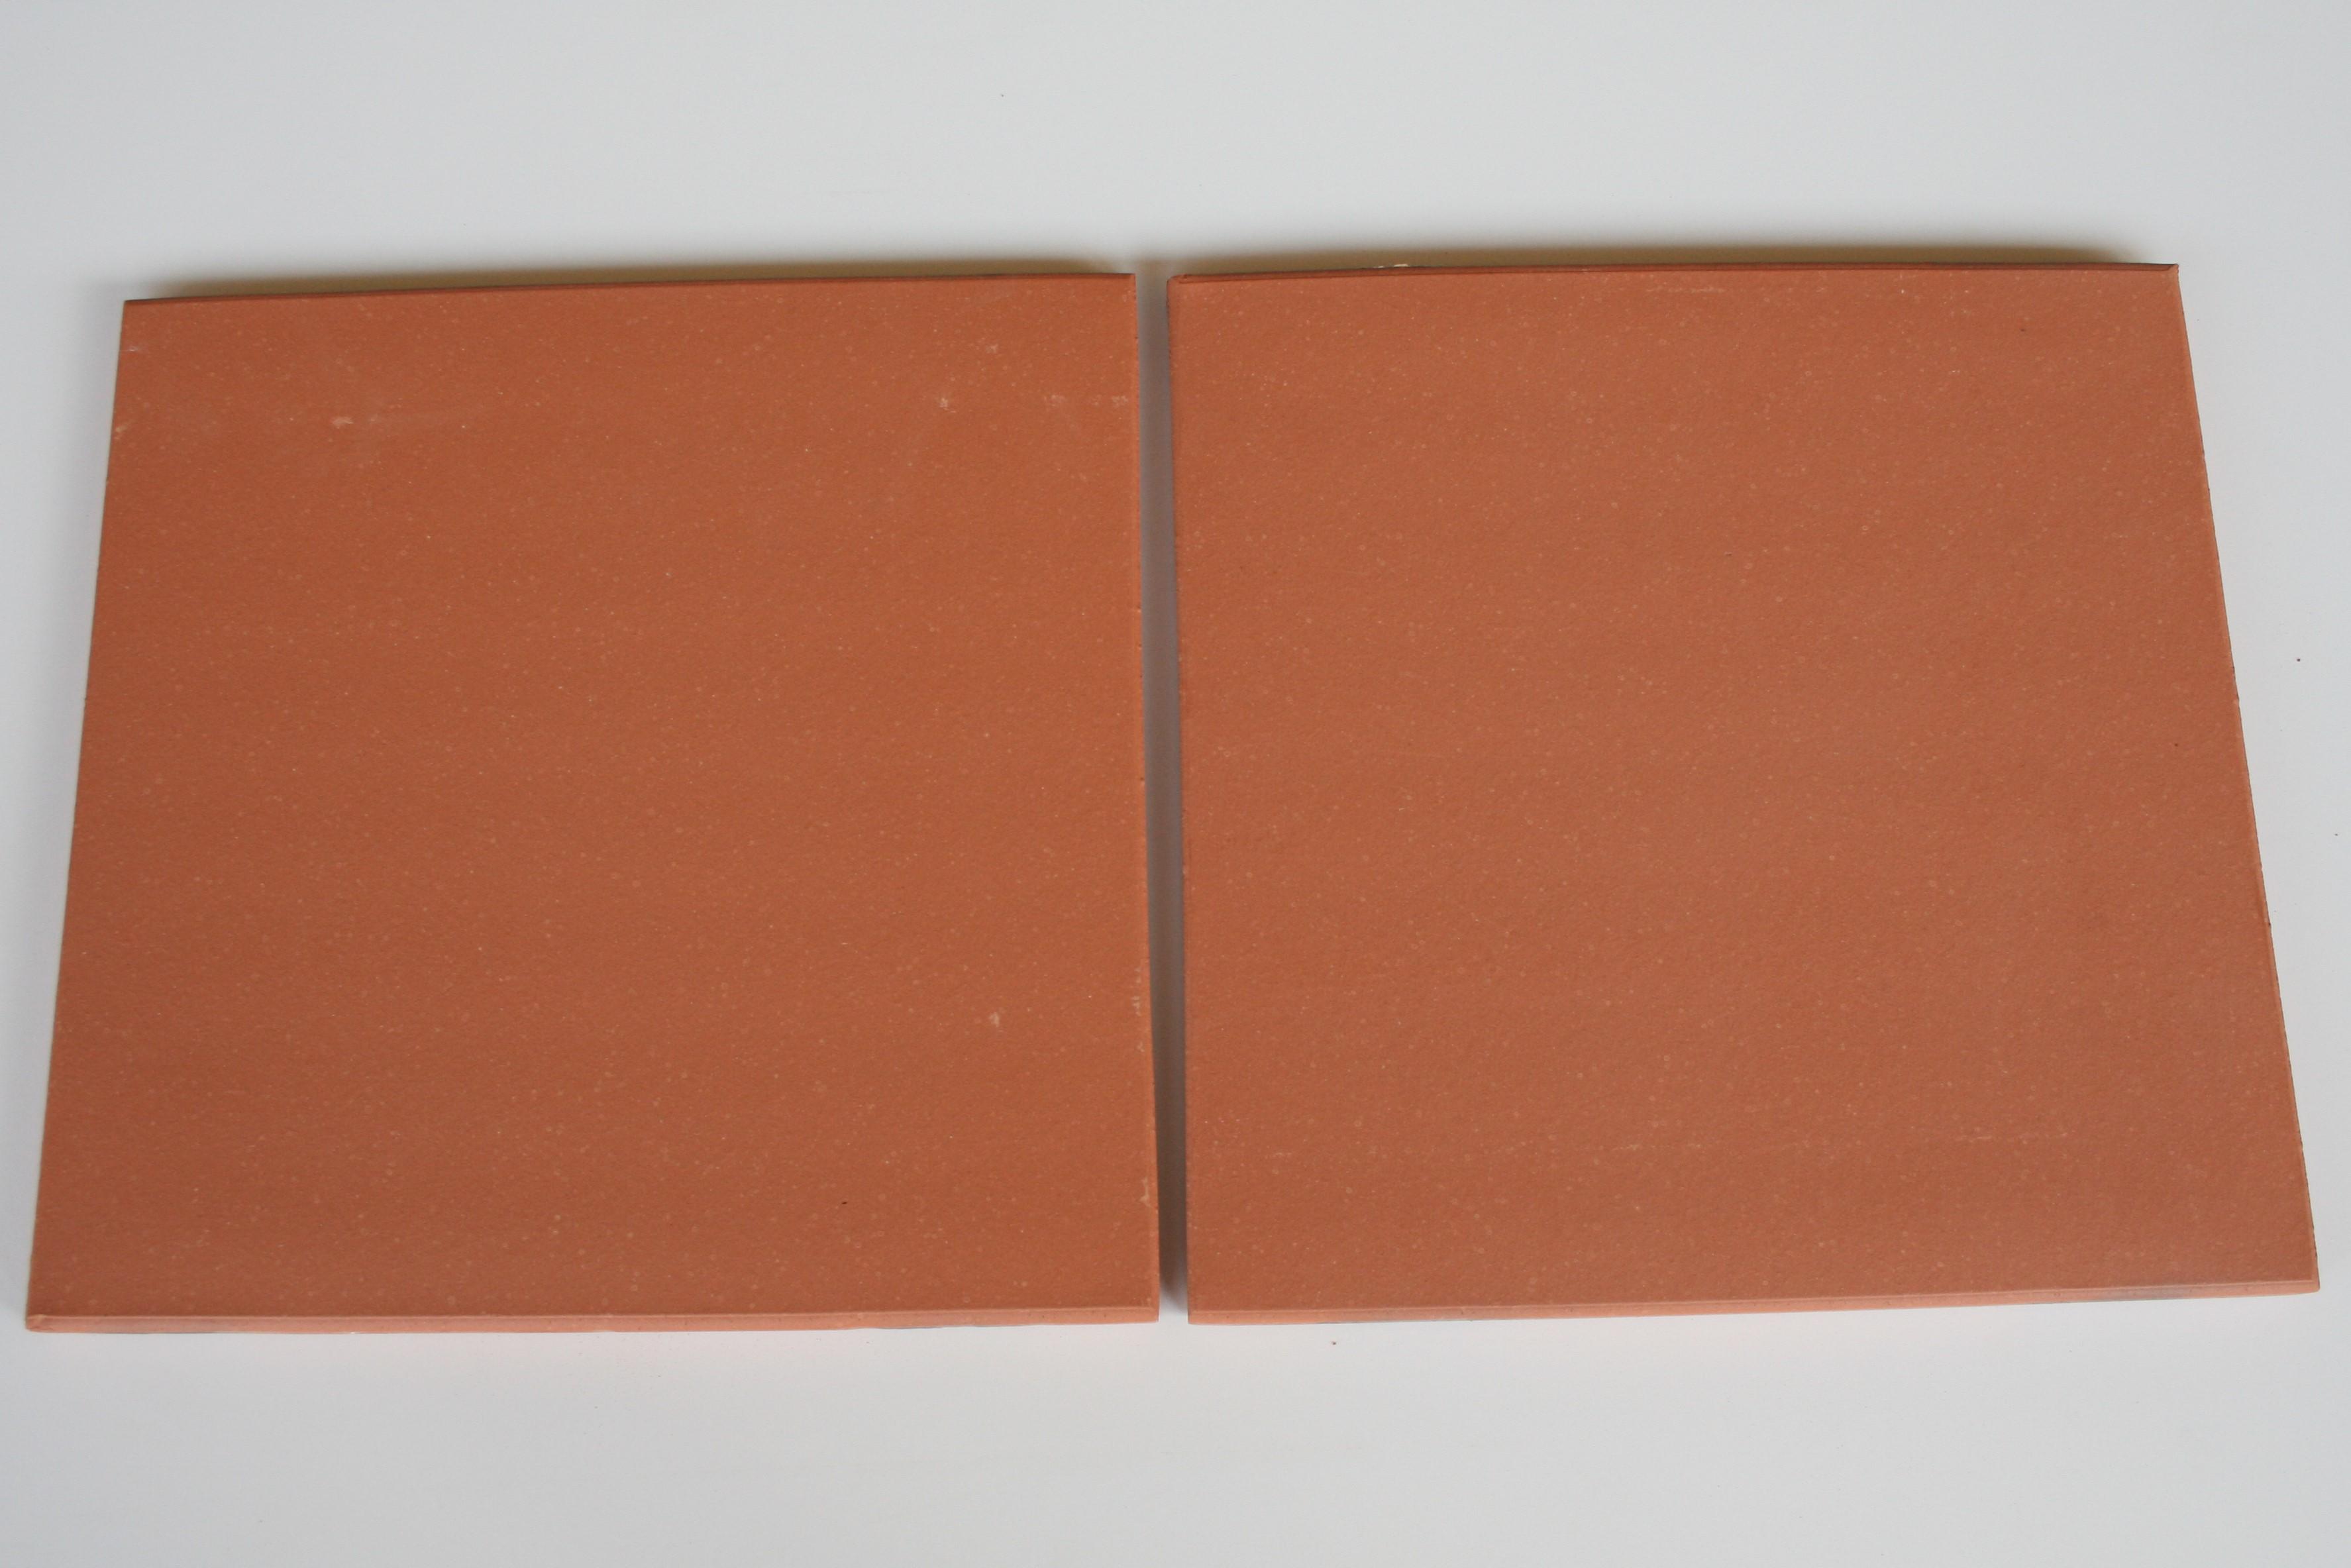 Carreaux terre cuite lisse saumon 37x37x1.7 cm bords arrondis